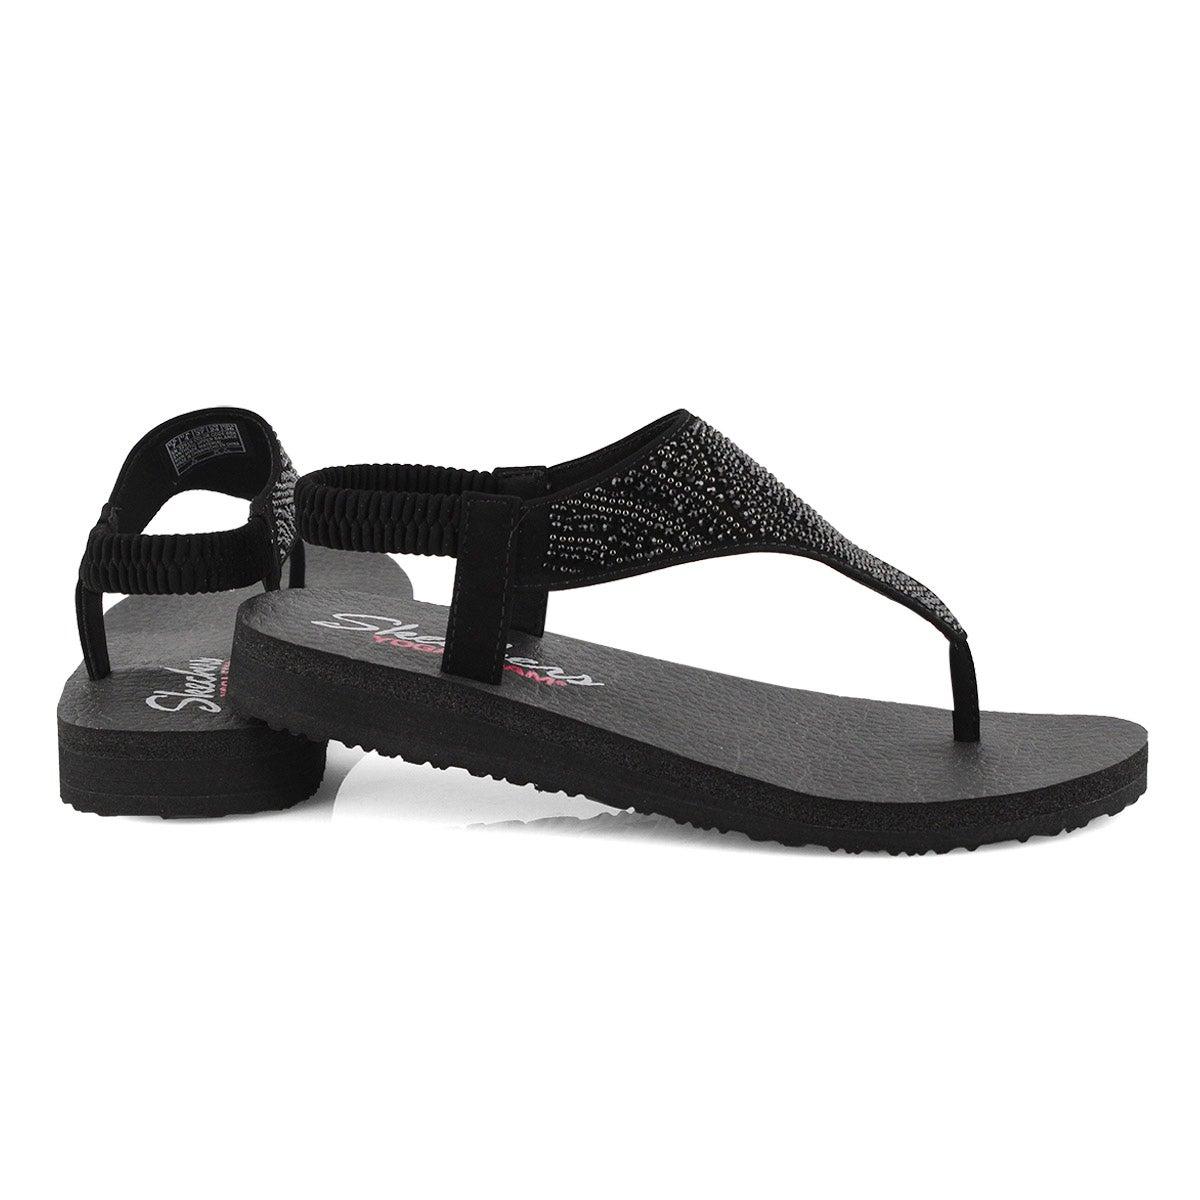 Lds Meditation black thong sandal